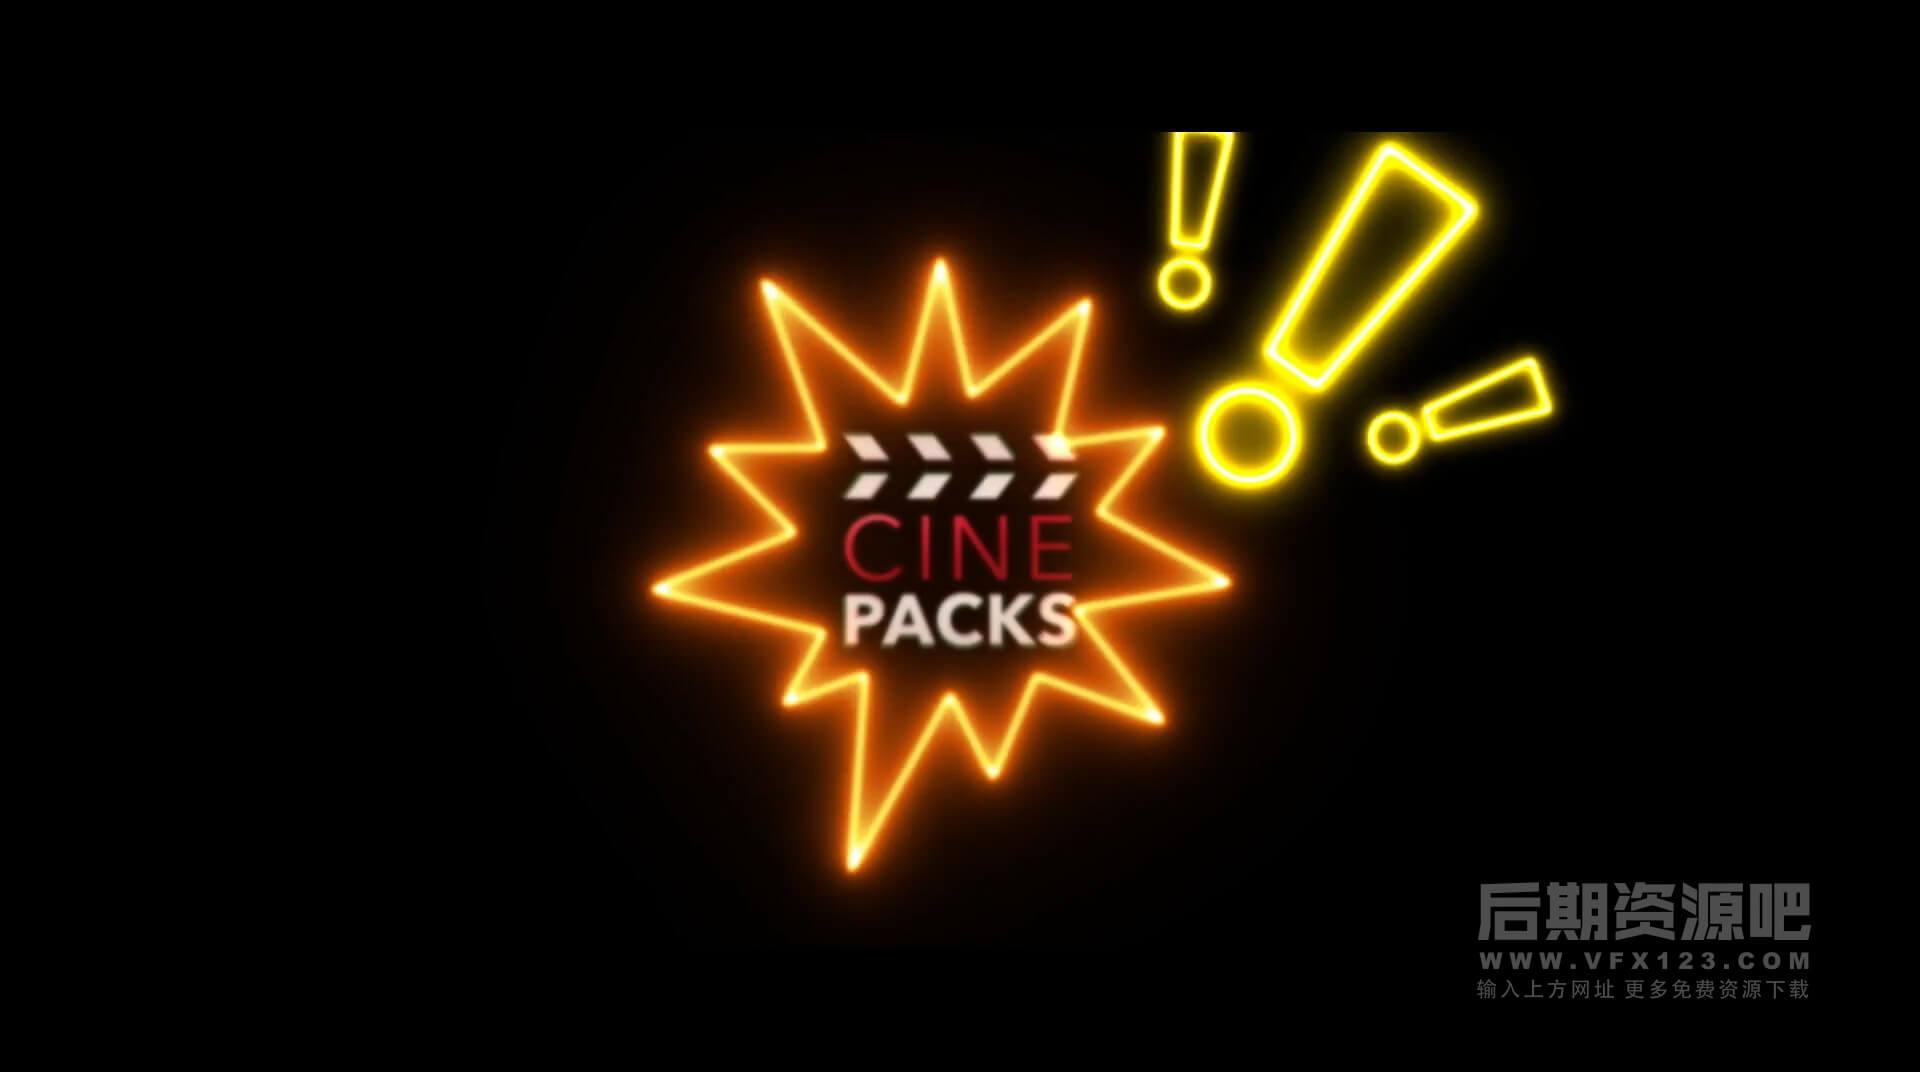 视频素材 卡通手绘辉光闪烁霓虹效果动画 综艺搞笑节目动画素材 Glow FX